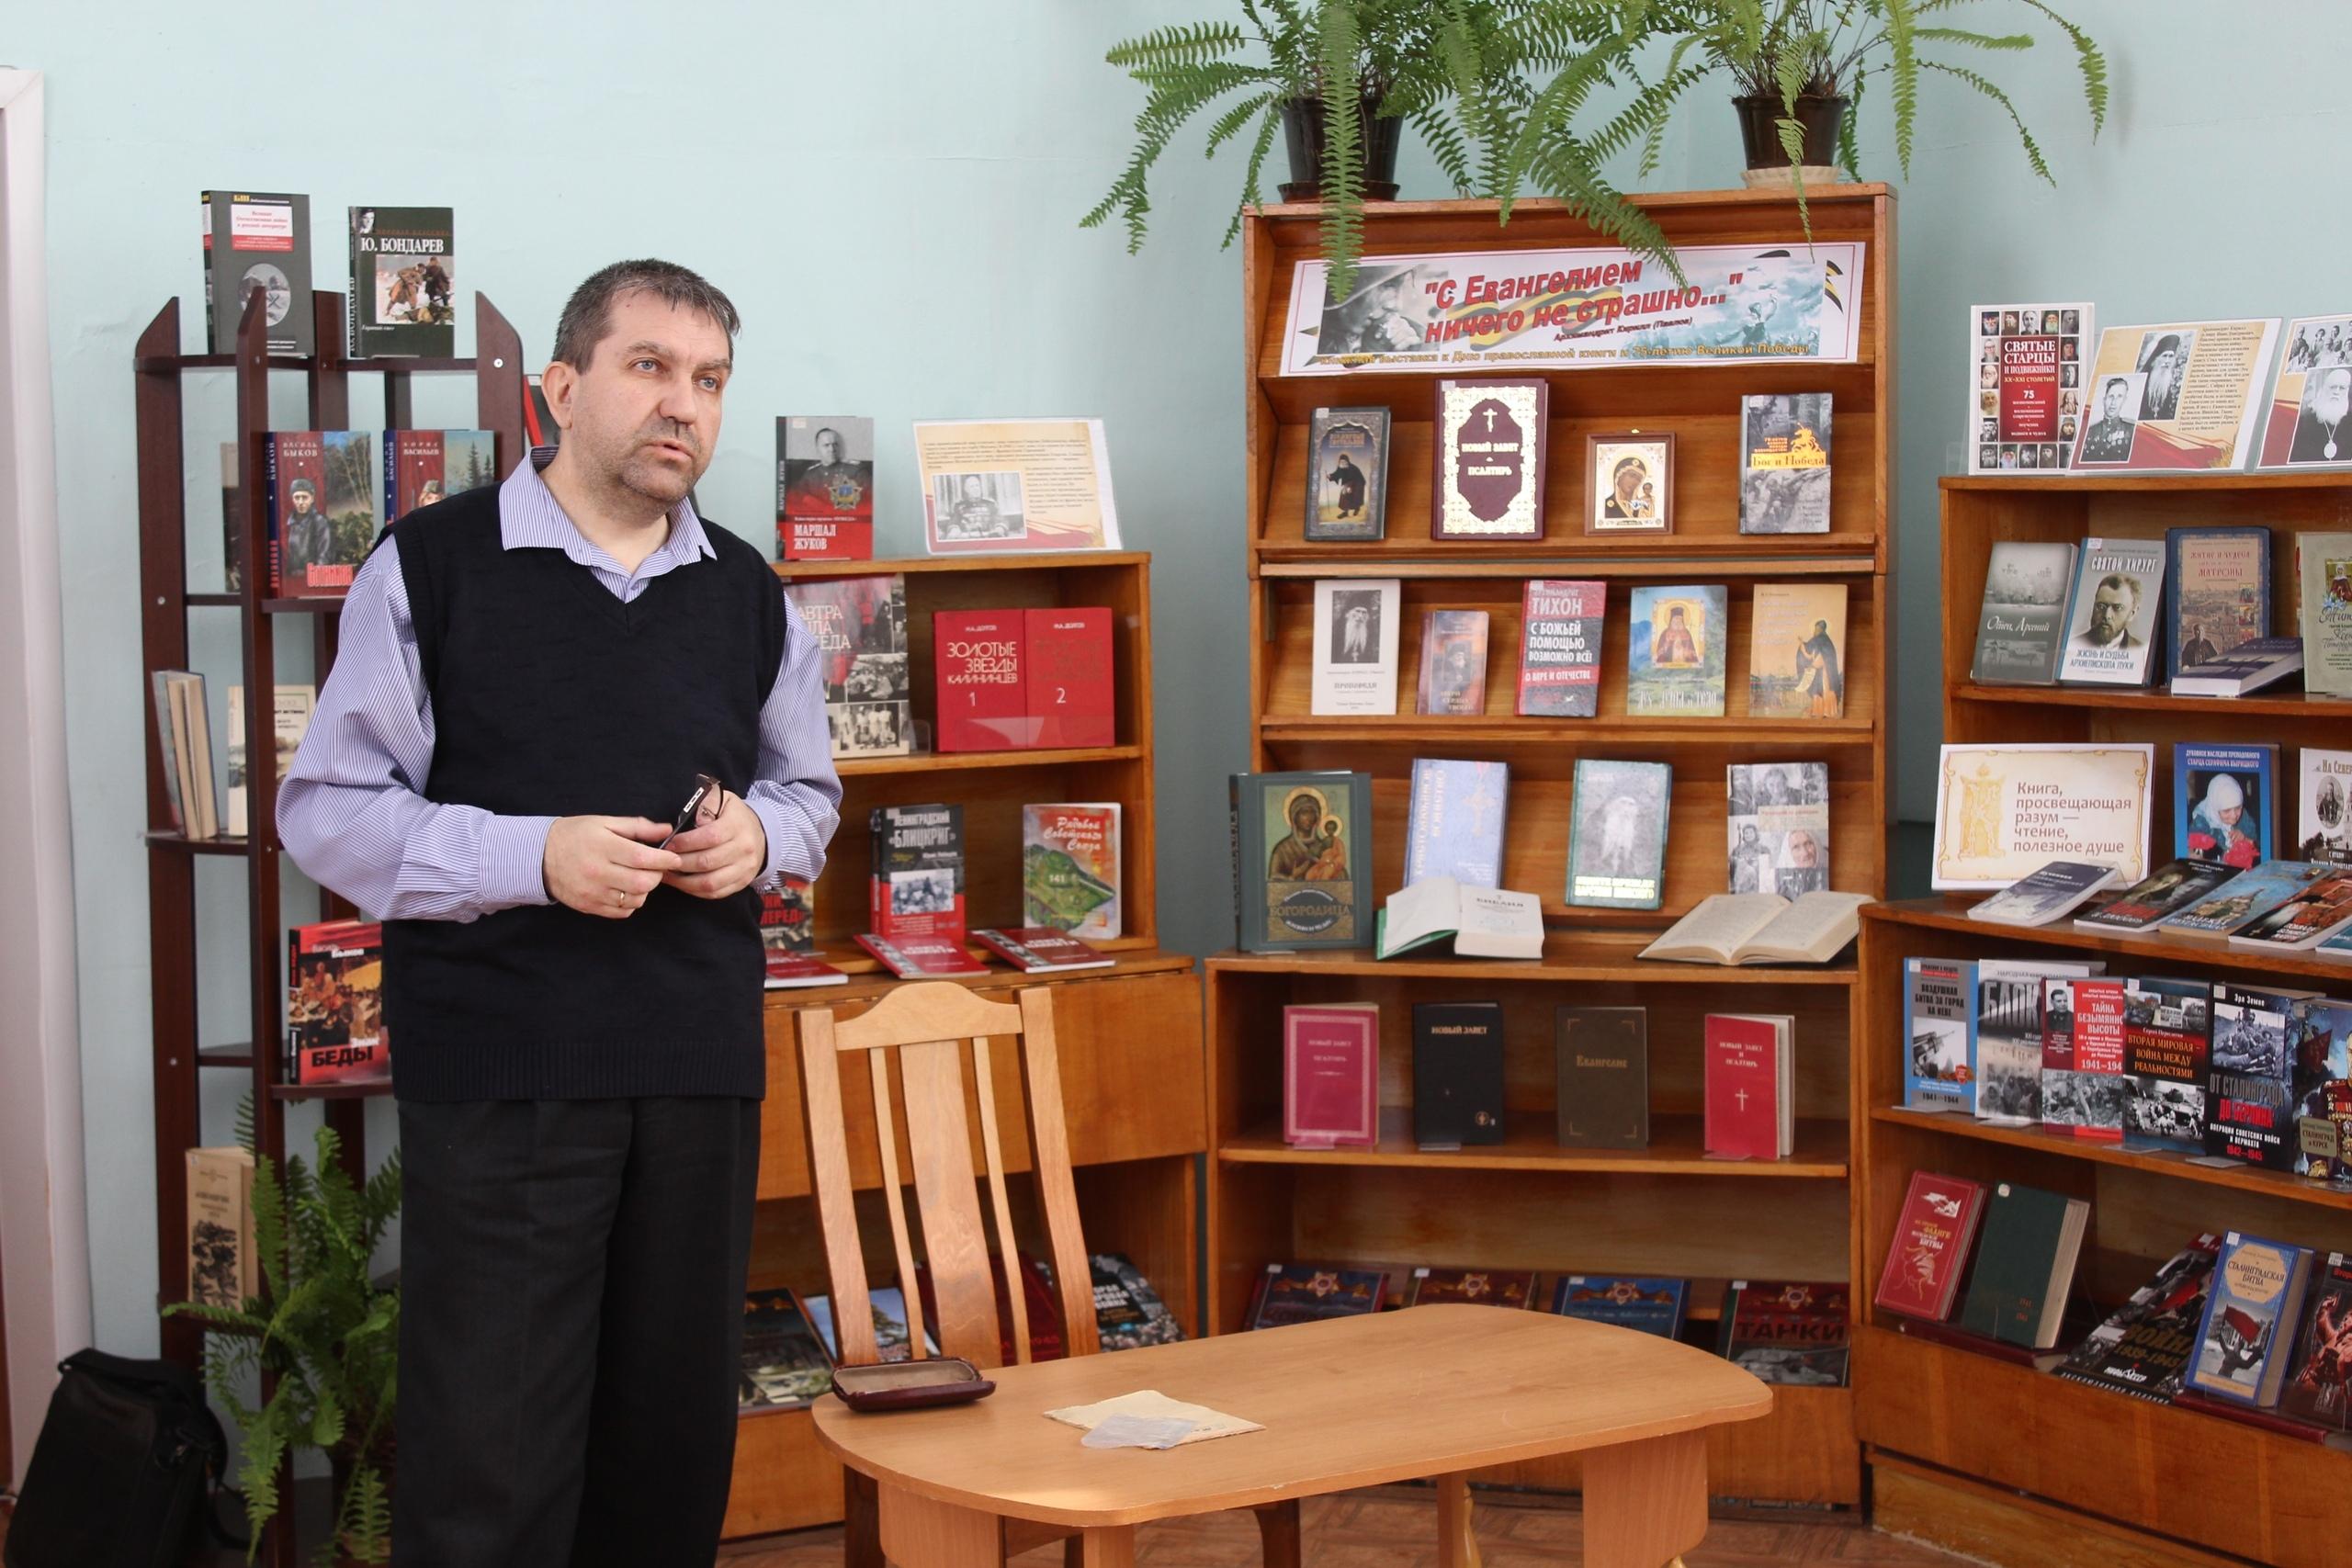 Валерий Линкевич: Как человек проголосует, его личное дело. Но проголосовать нужно